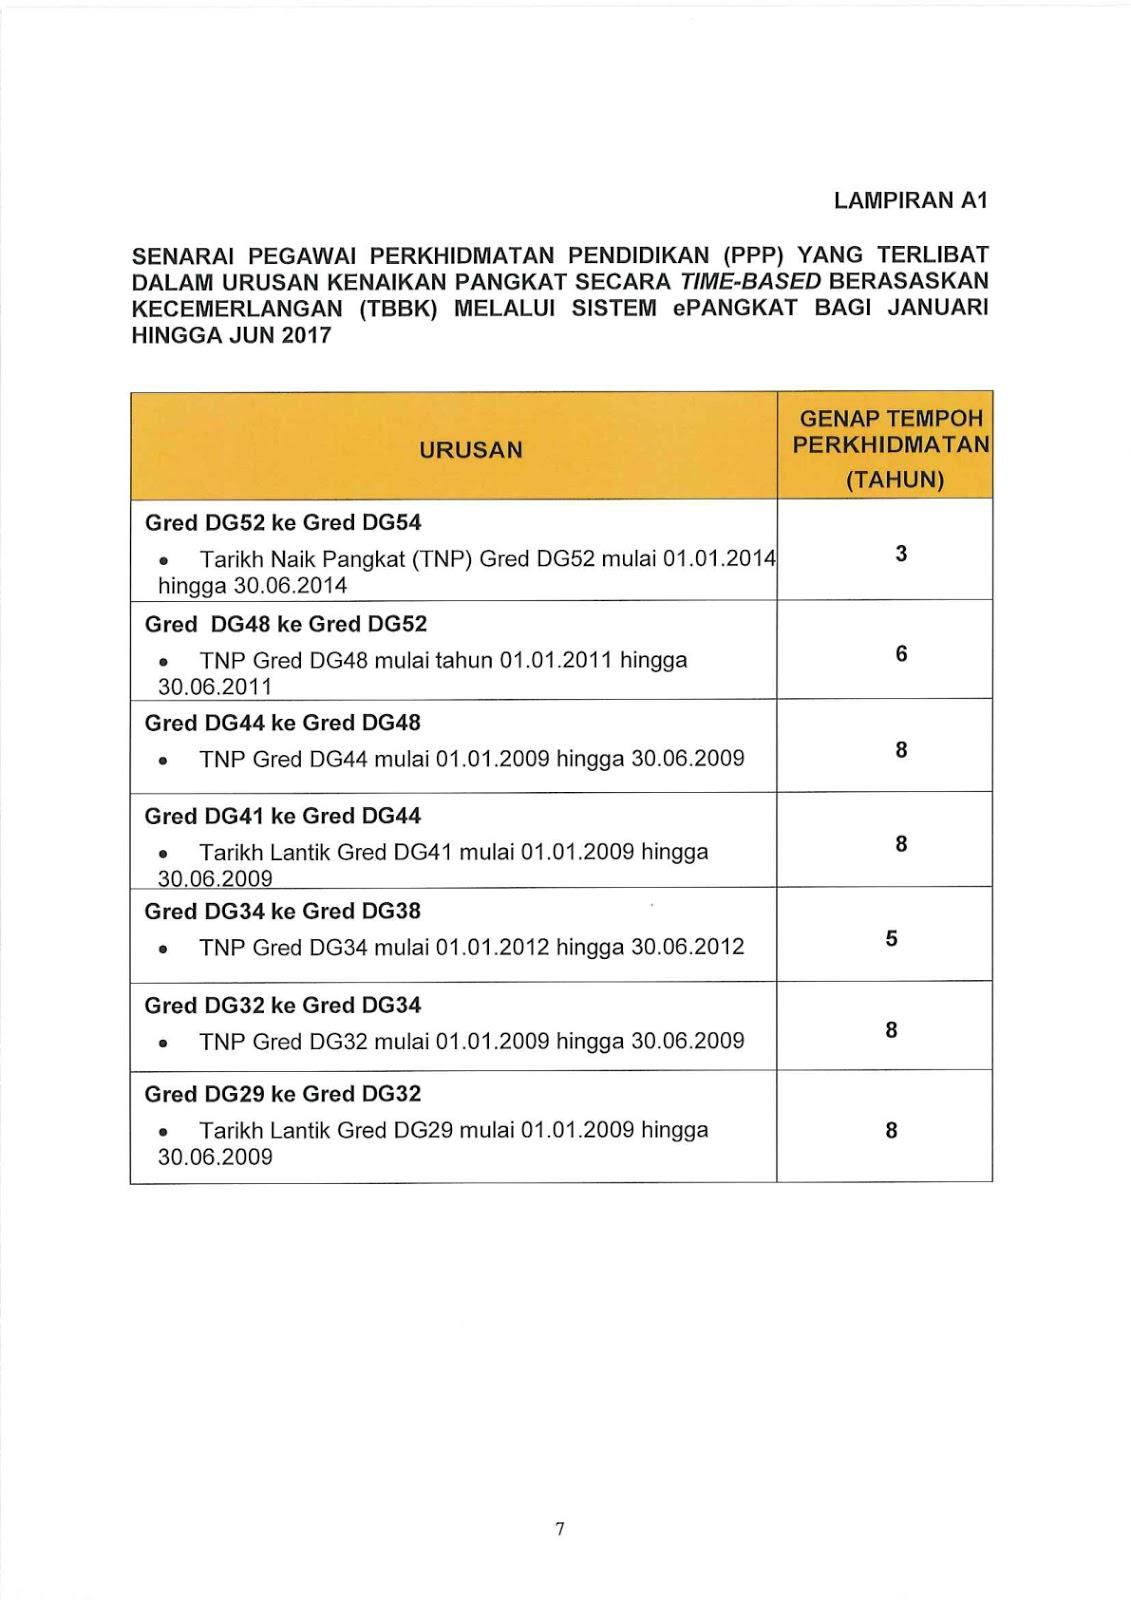 Urusan Kenaikan Pangkat Pegawai Perkhidmatan Pendidikan Ppp Gred Dg32 Hingga Gred Dg54 Secara Time Based Berasaskan Kecemerlangan Tbbk Pendidik2u